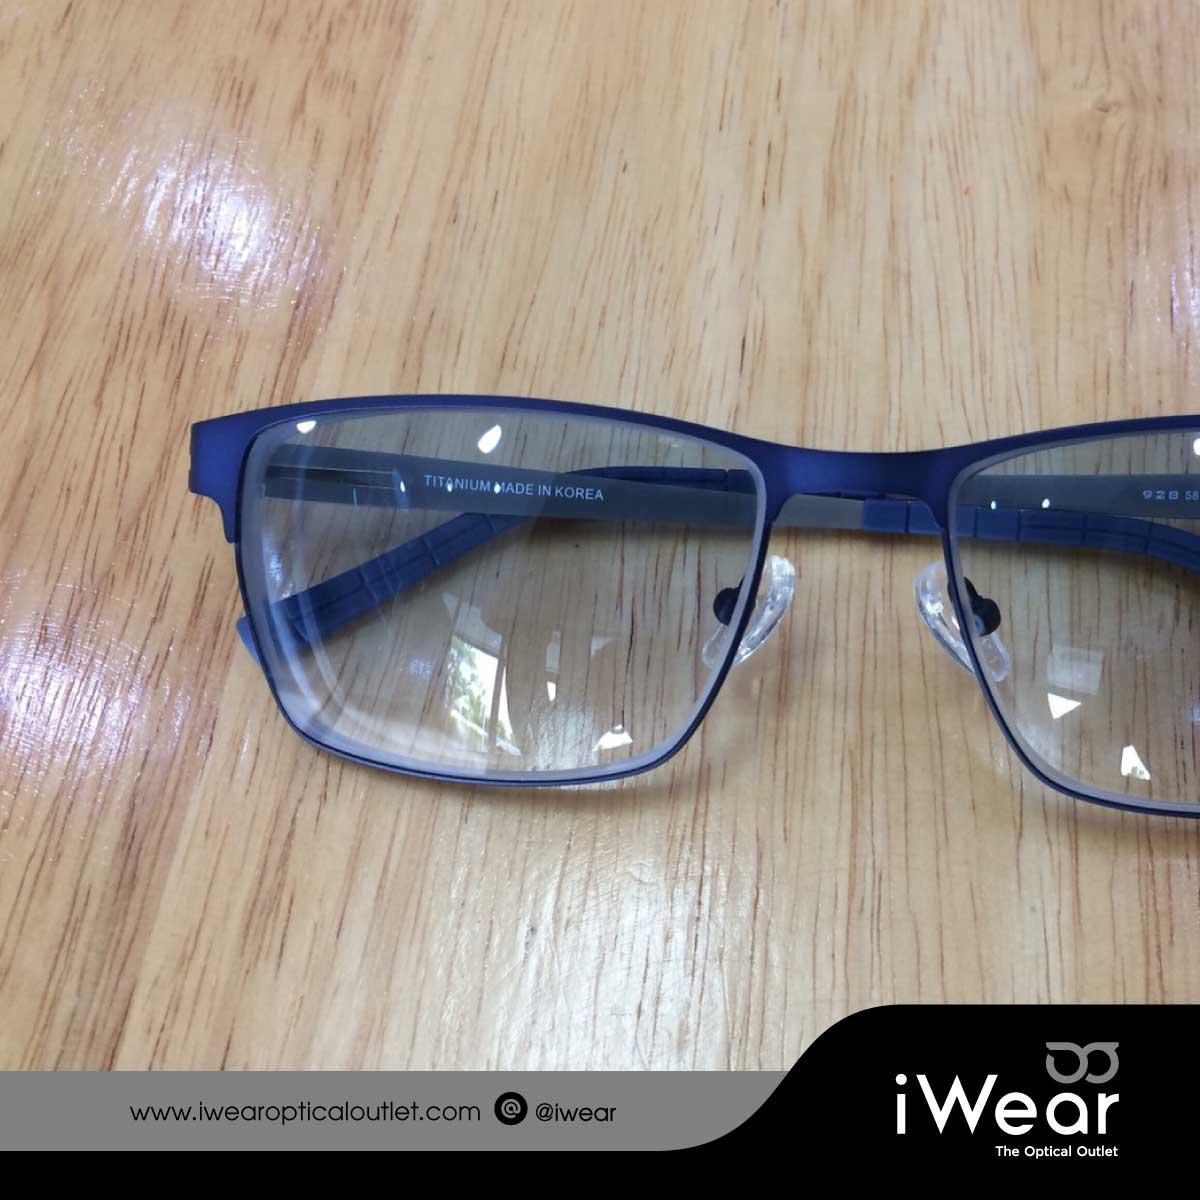 แว่นสายตา  iWear Titanium IP เลนส์สายตาสั้น ทำสีฟ้าแบบไล่สี